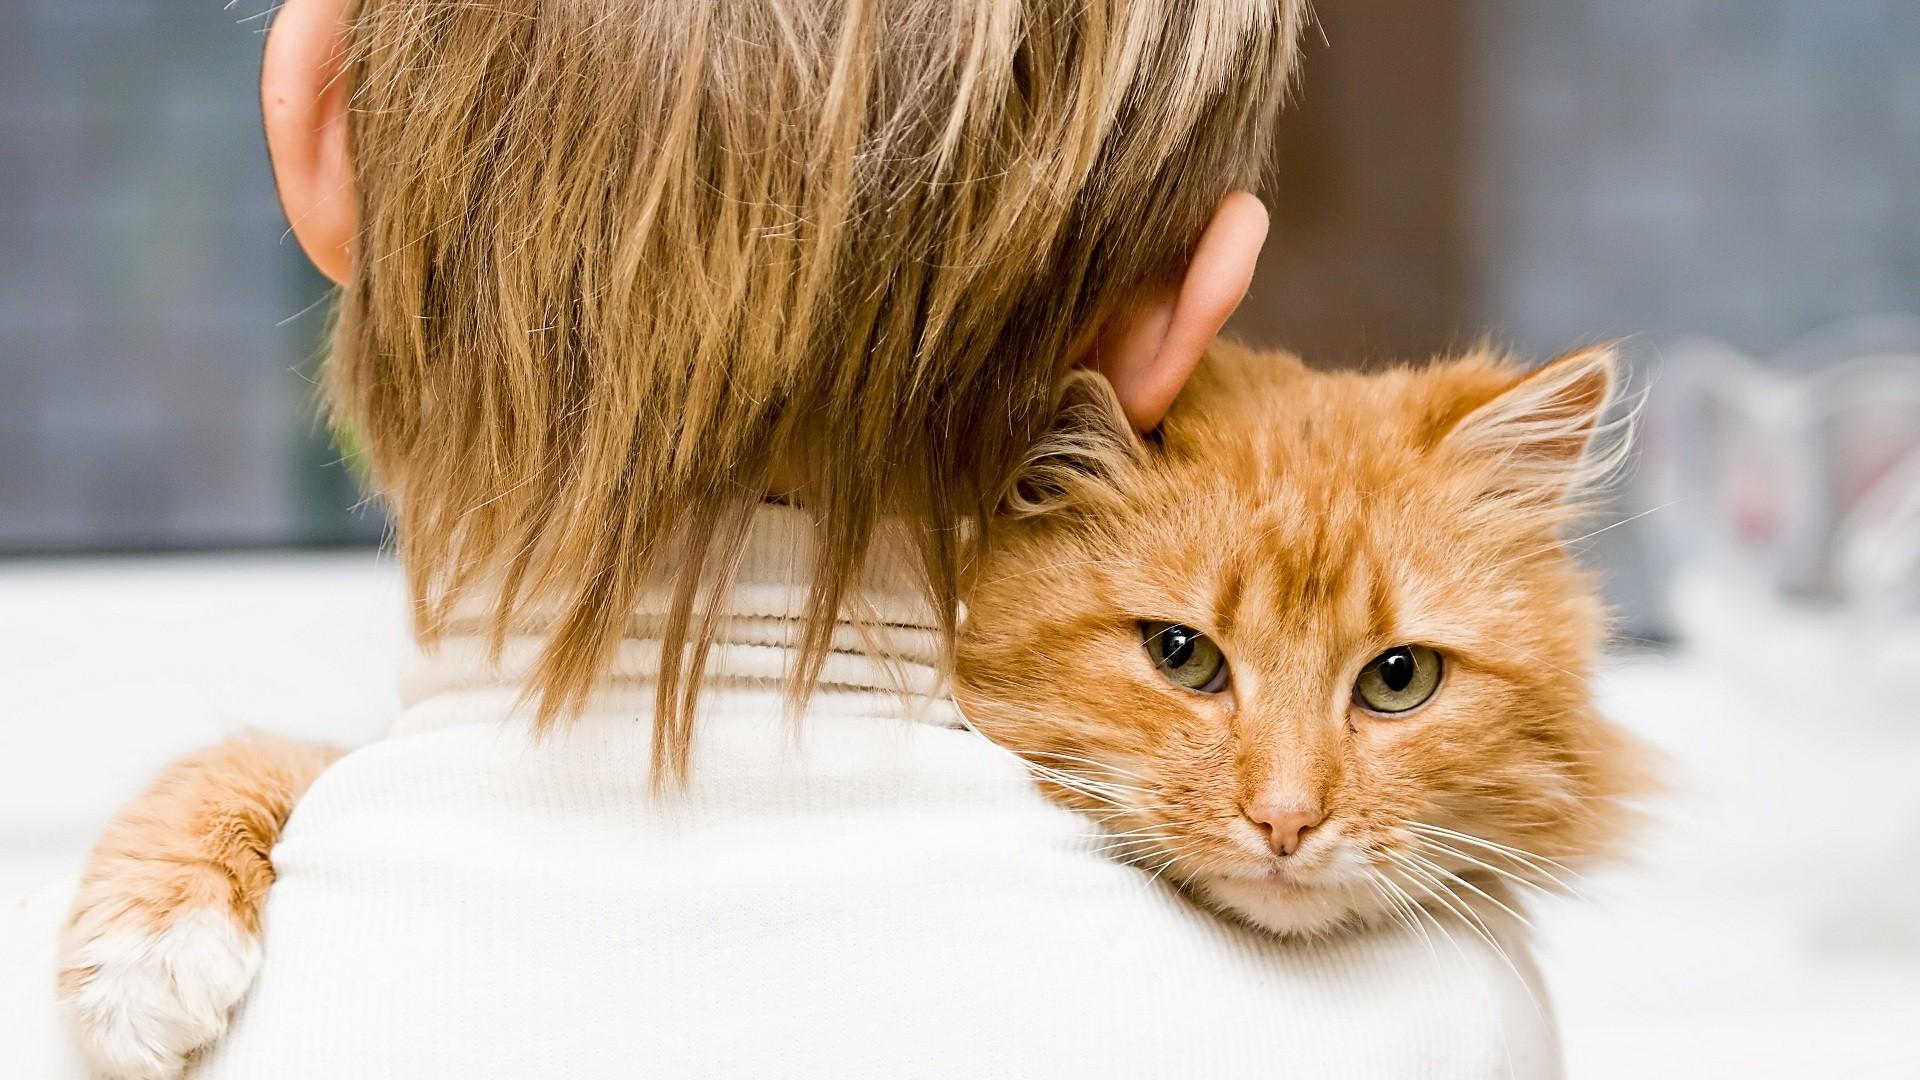 هل تستطيع ان تآكل القطط من طعامك الخاص